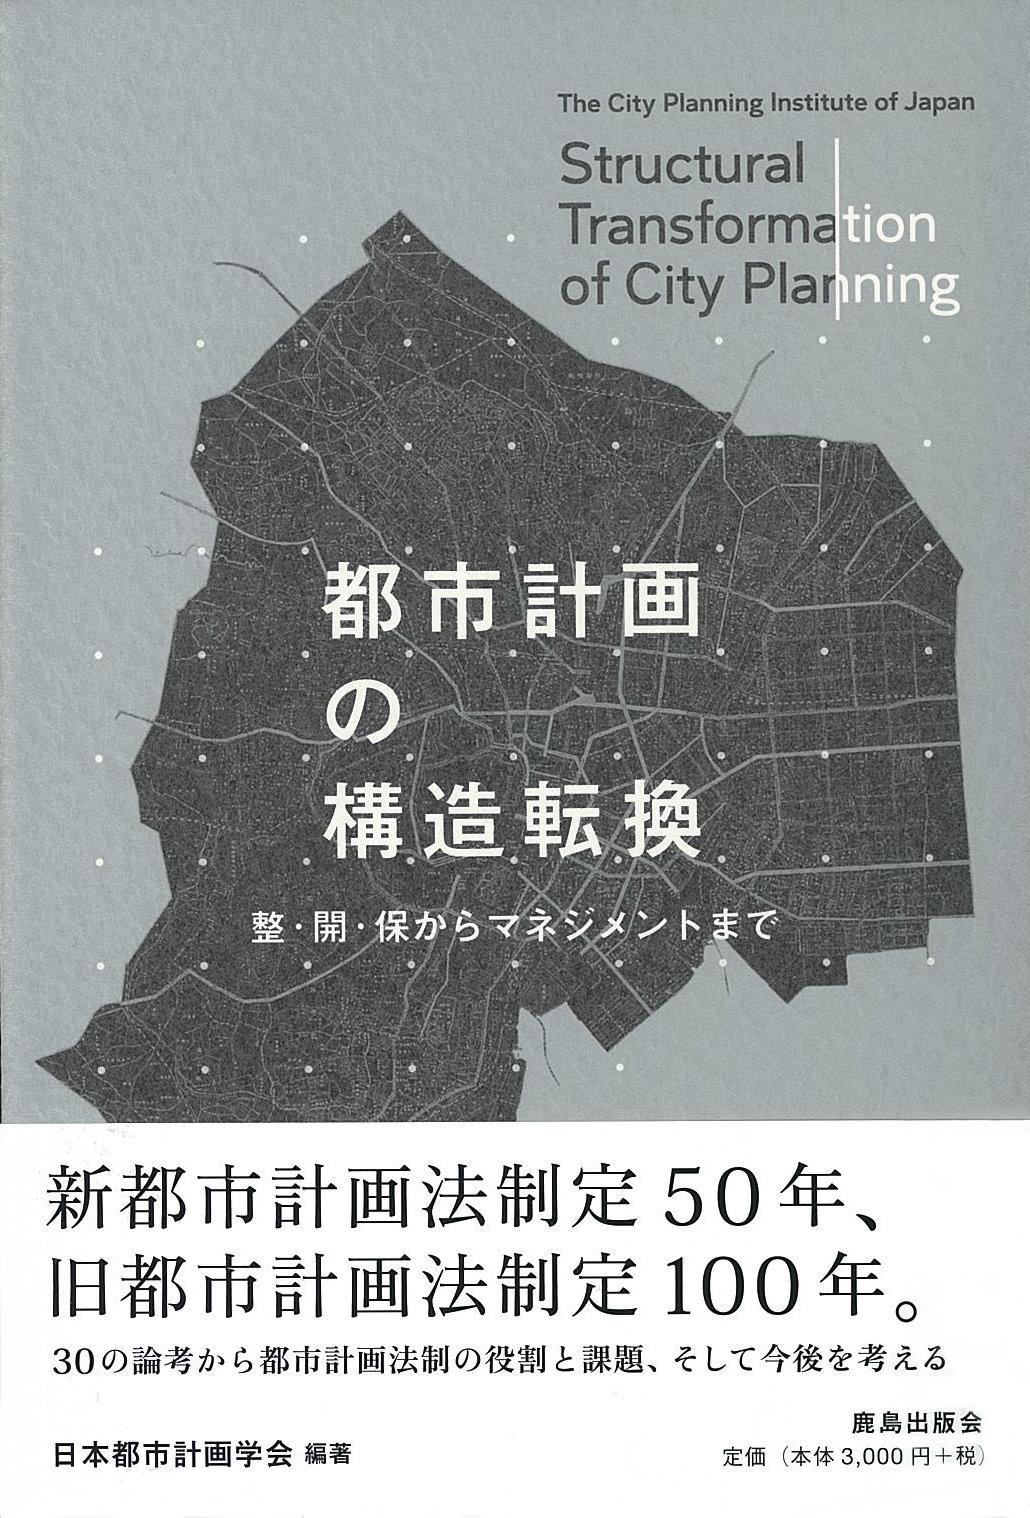 都市計画の構造転換 -整・開・保からマネジメントまで